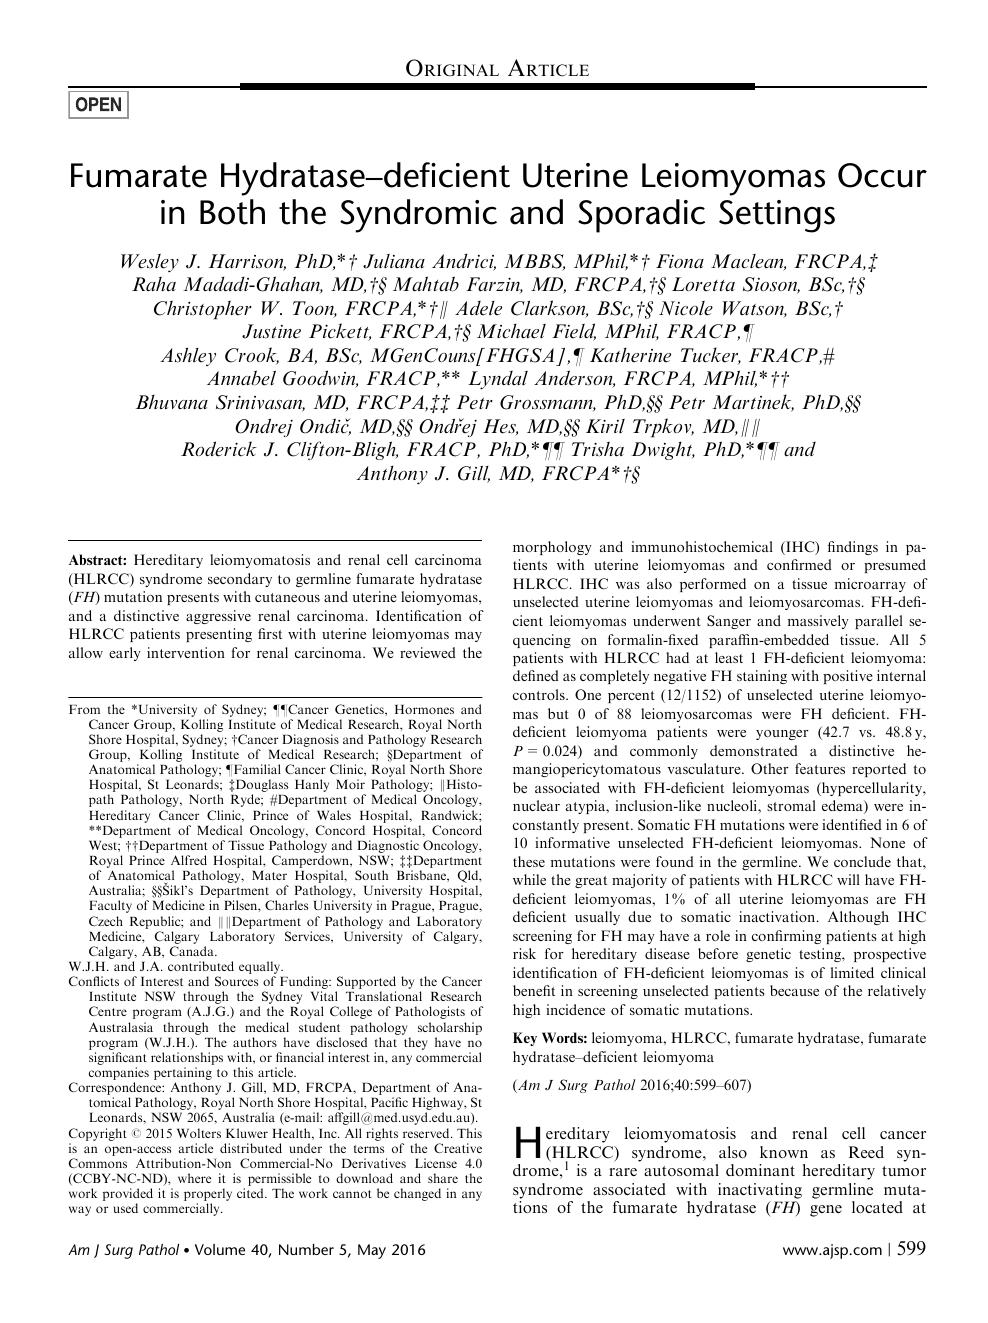 Fumarate Hydratase–deficient Uterine Leiomyomas Occur in